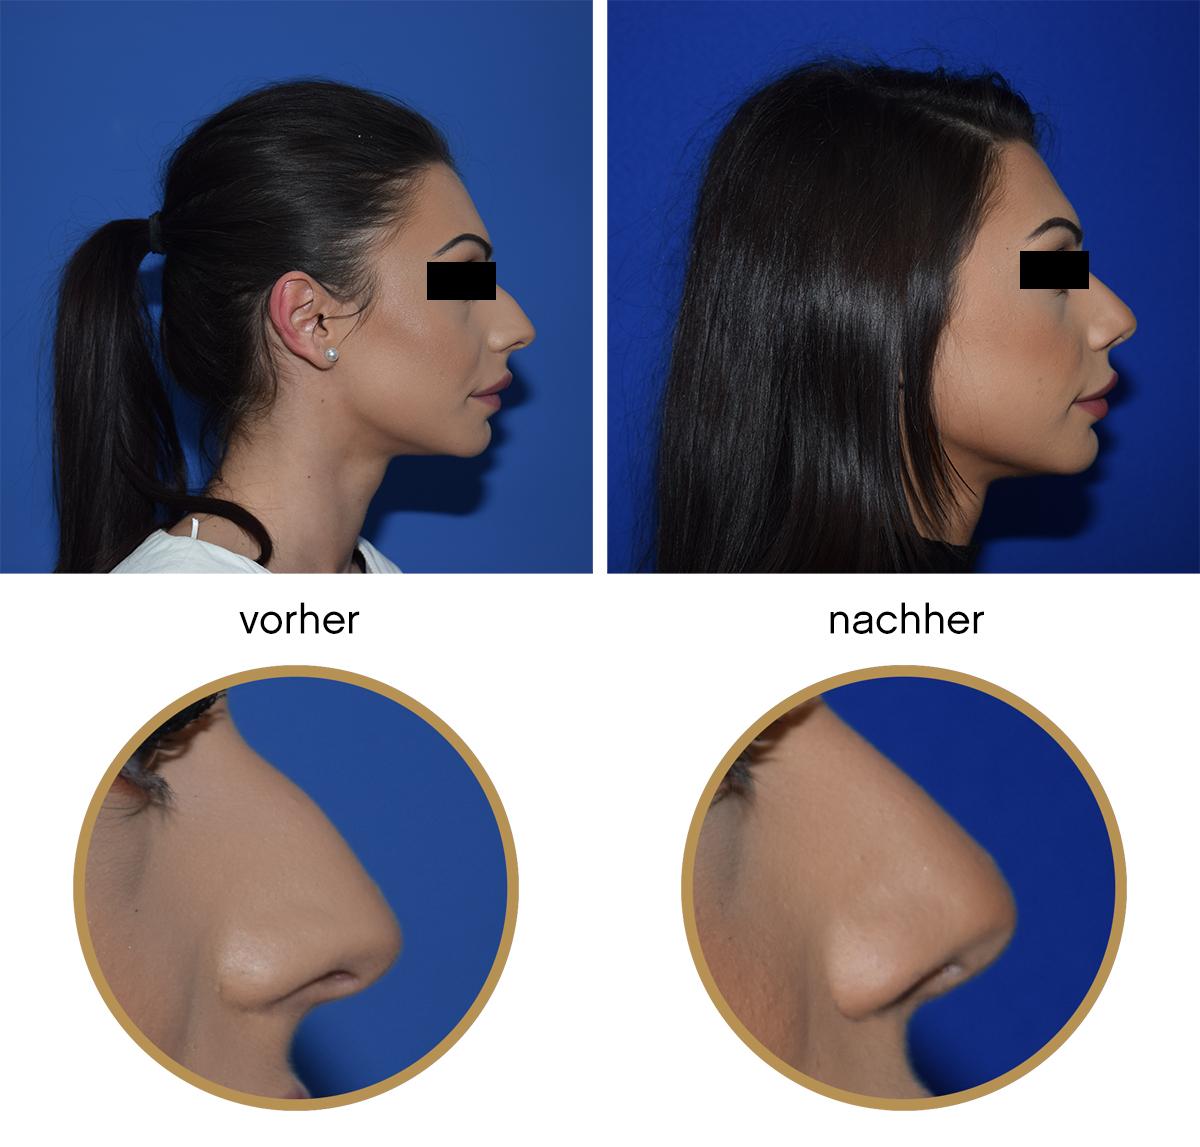 Nasenkorrektur Vorher Nachher Fotos und Erfahrungsberichte